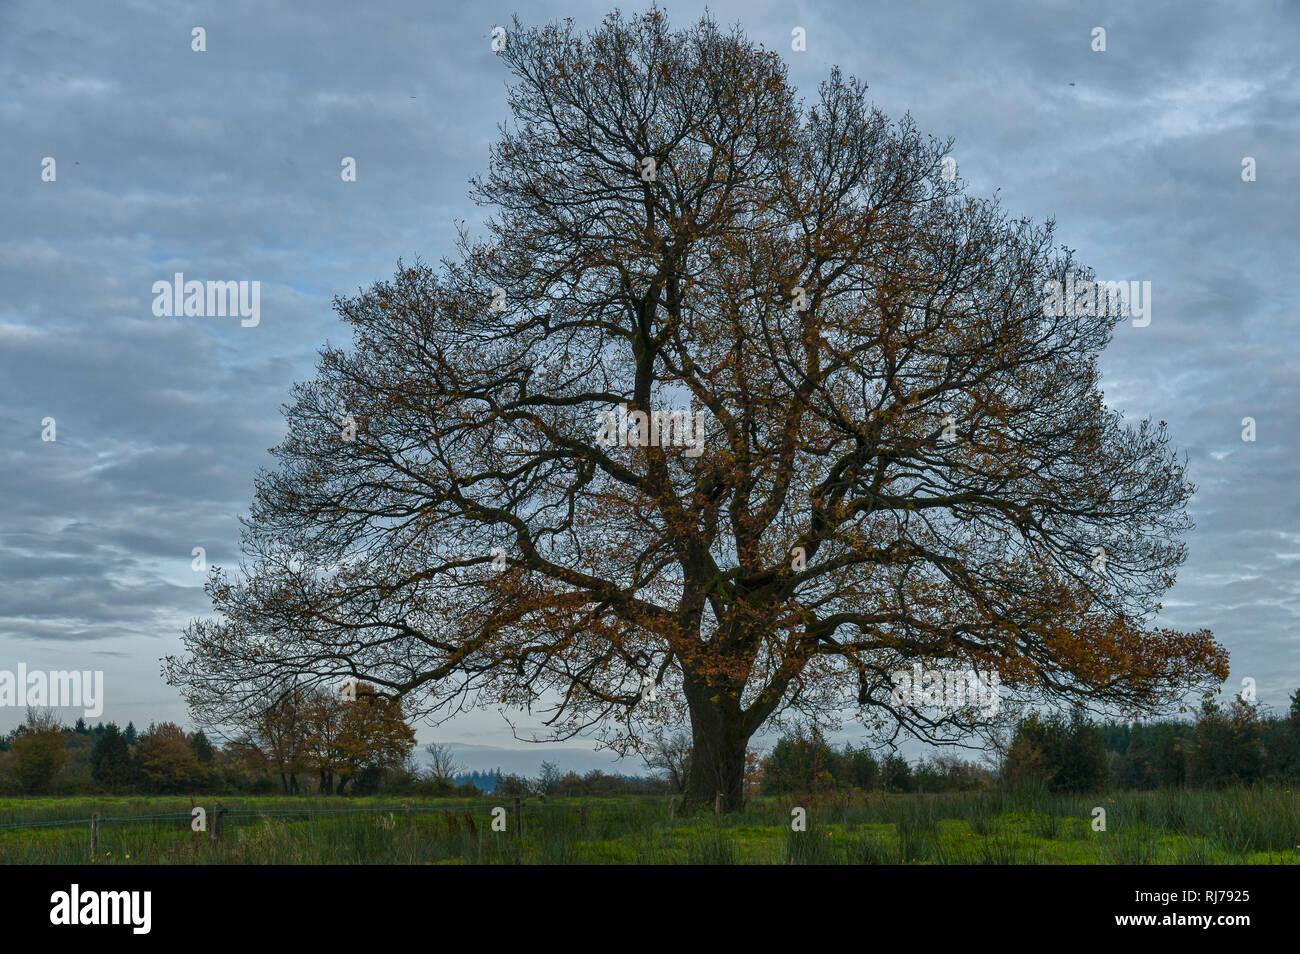 stattliche Eiche mit riesiger Krone vor blauem Himmel, HDR, Im Hohen Venn, Belgien - Stock Image